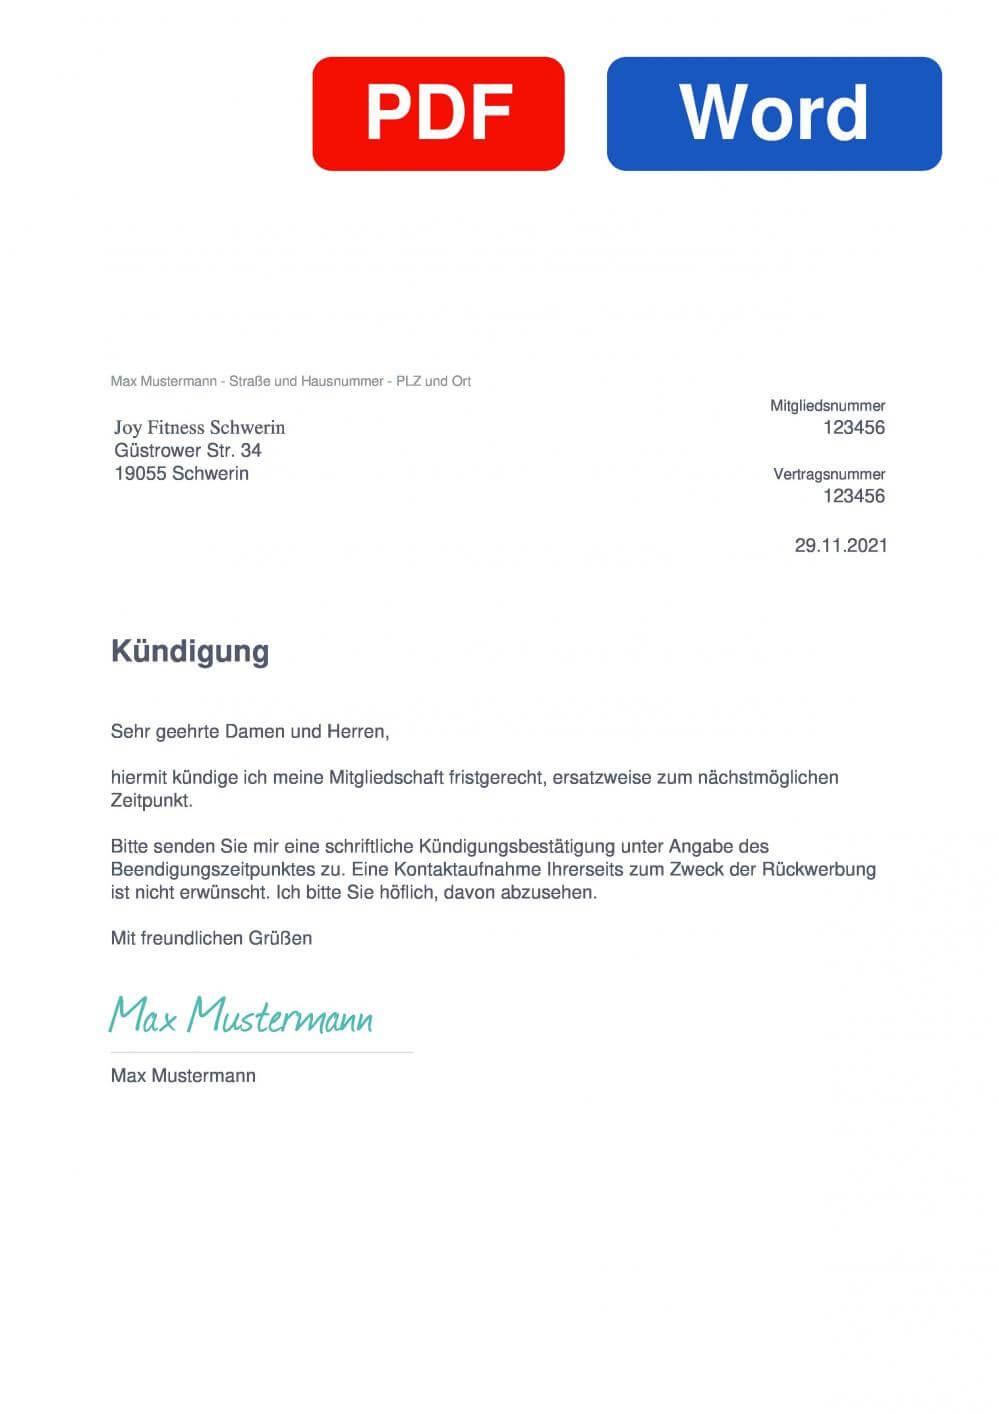 JOY Fitness Schwerin Muster Vorlage für Kündigungsschreiben